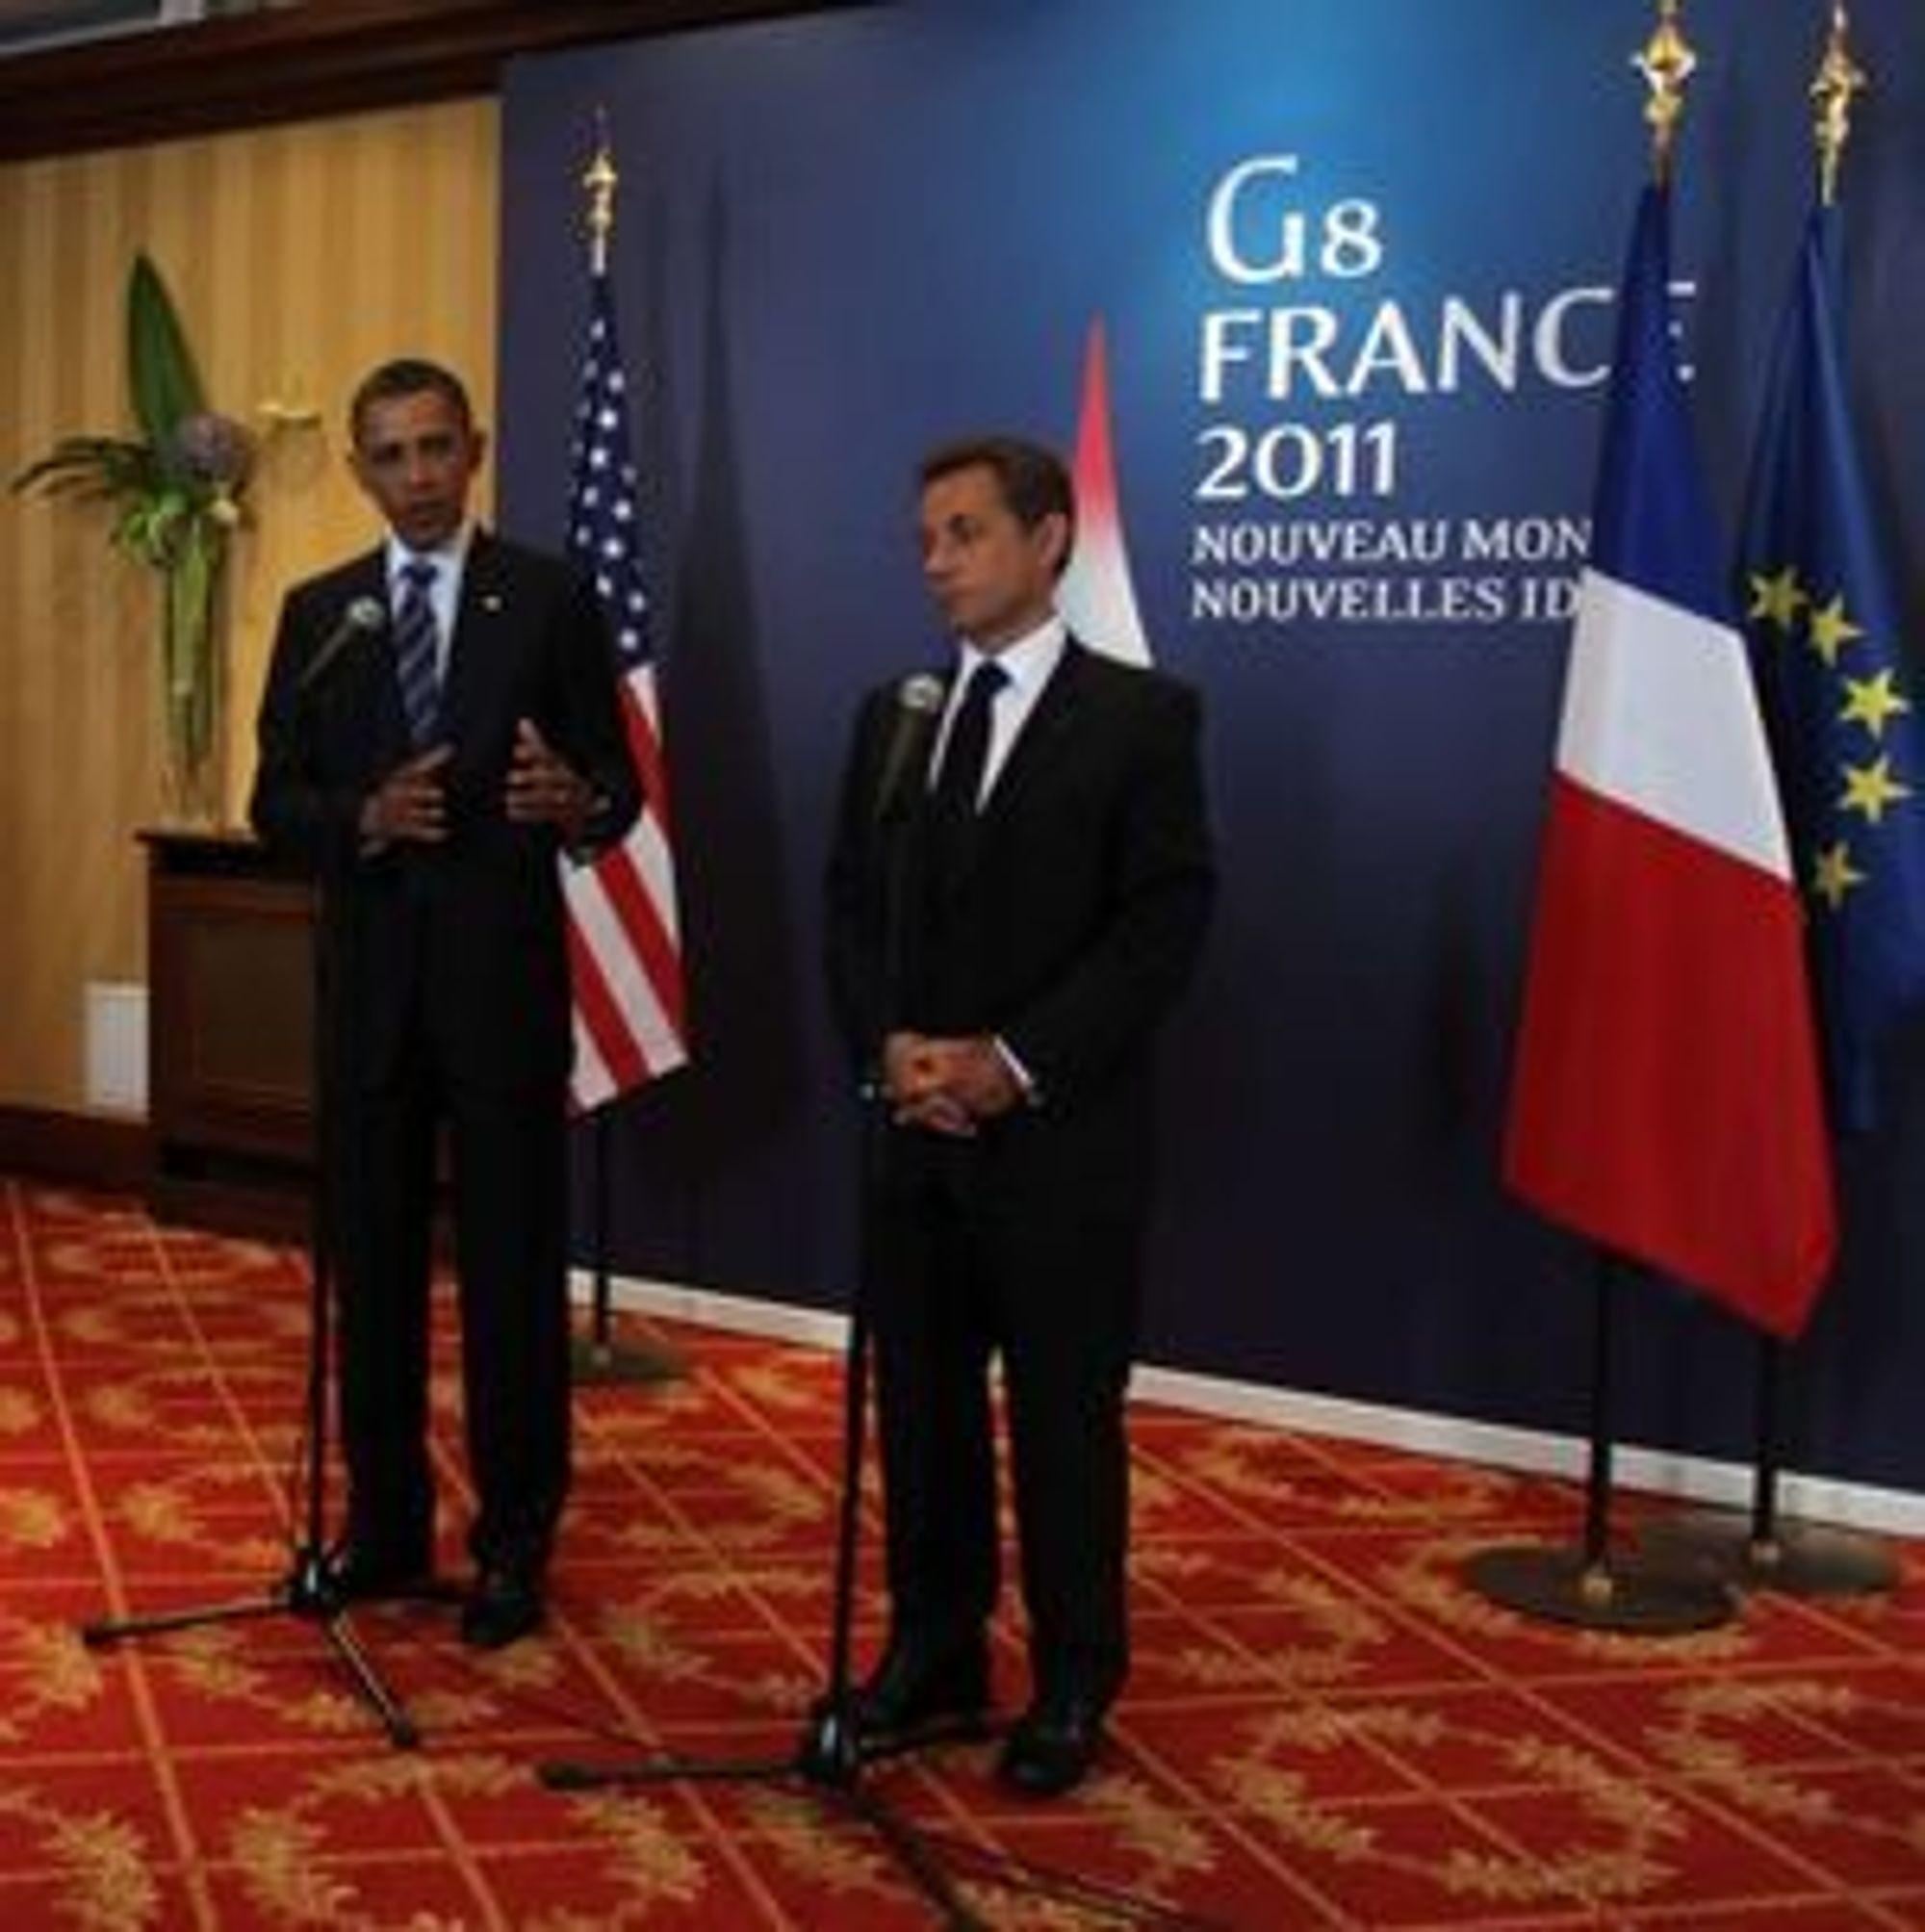 For første gang i historien, var Internett et punkt på dagsorden til et toppmøte i G8-landene.